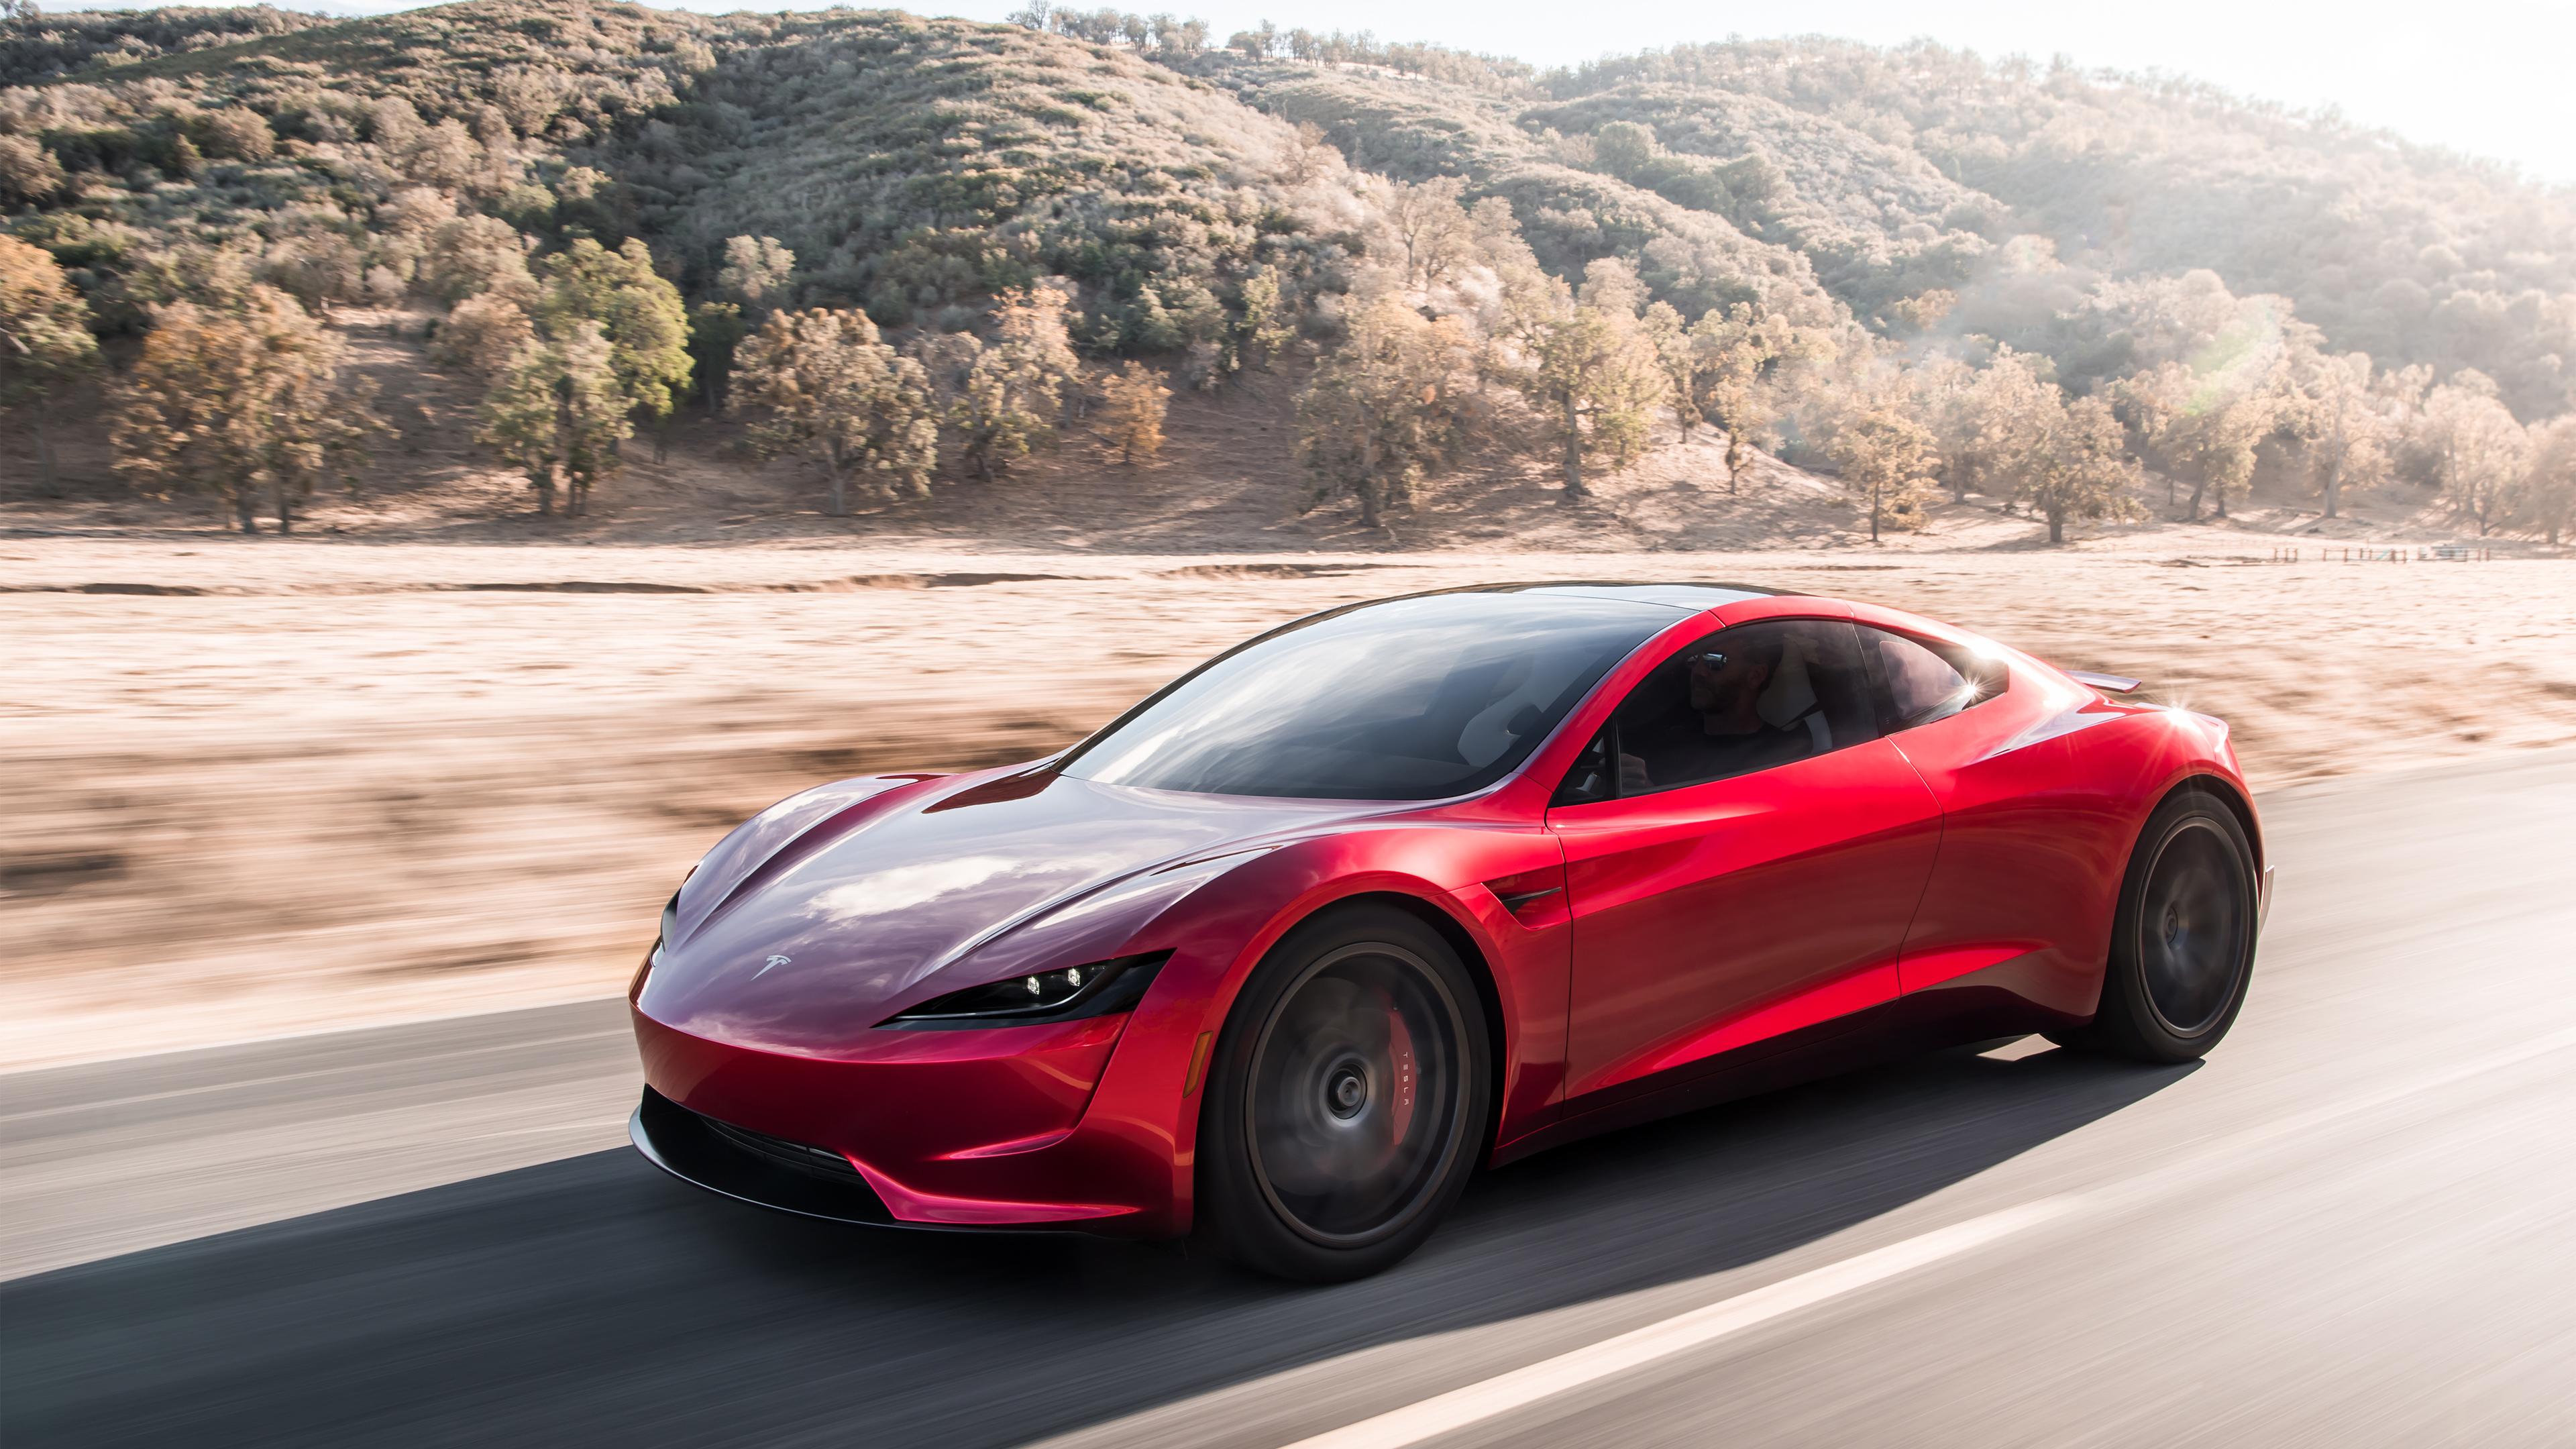 2020 Tesla Roadster 4k 5 Wallpaper Hd Car Wallpapers Id 9106